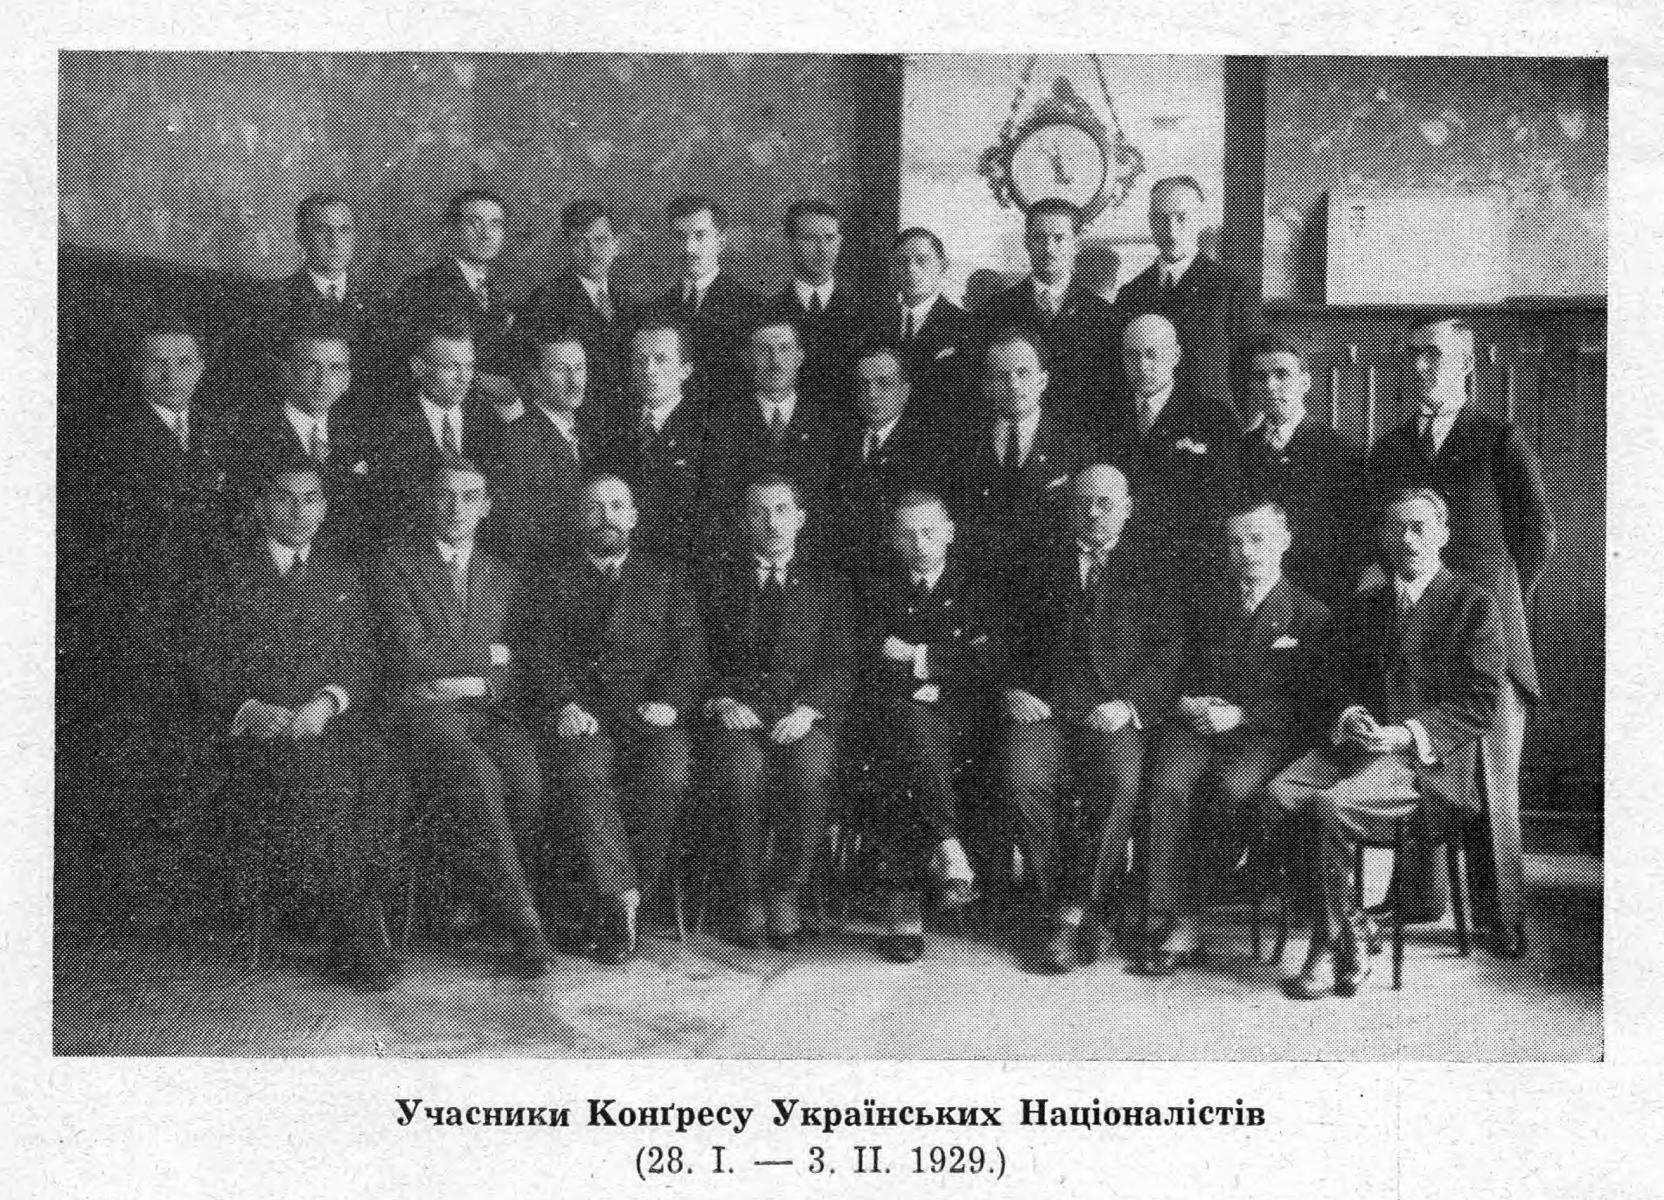 Учасники Конгресу українських націоналістів.